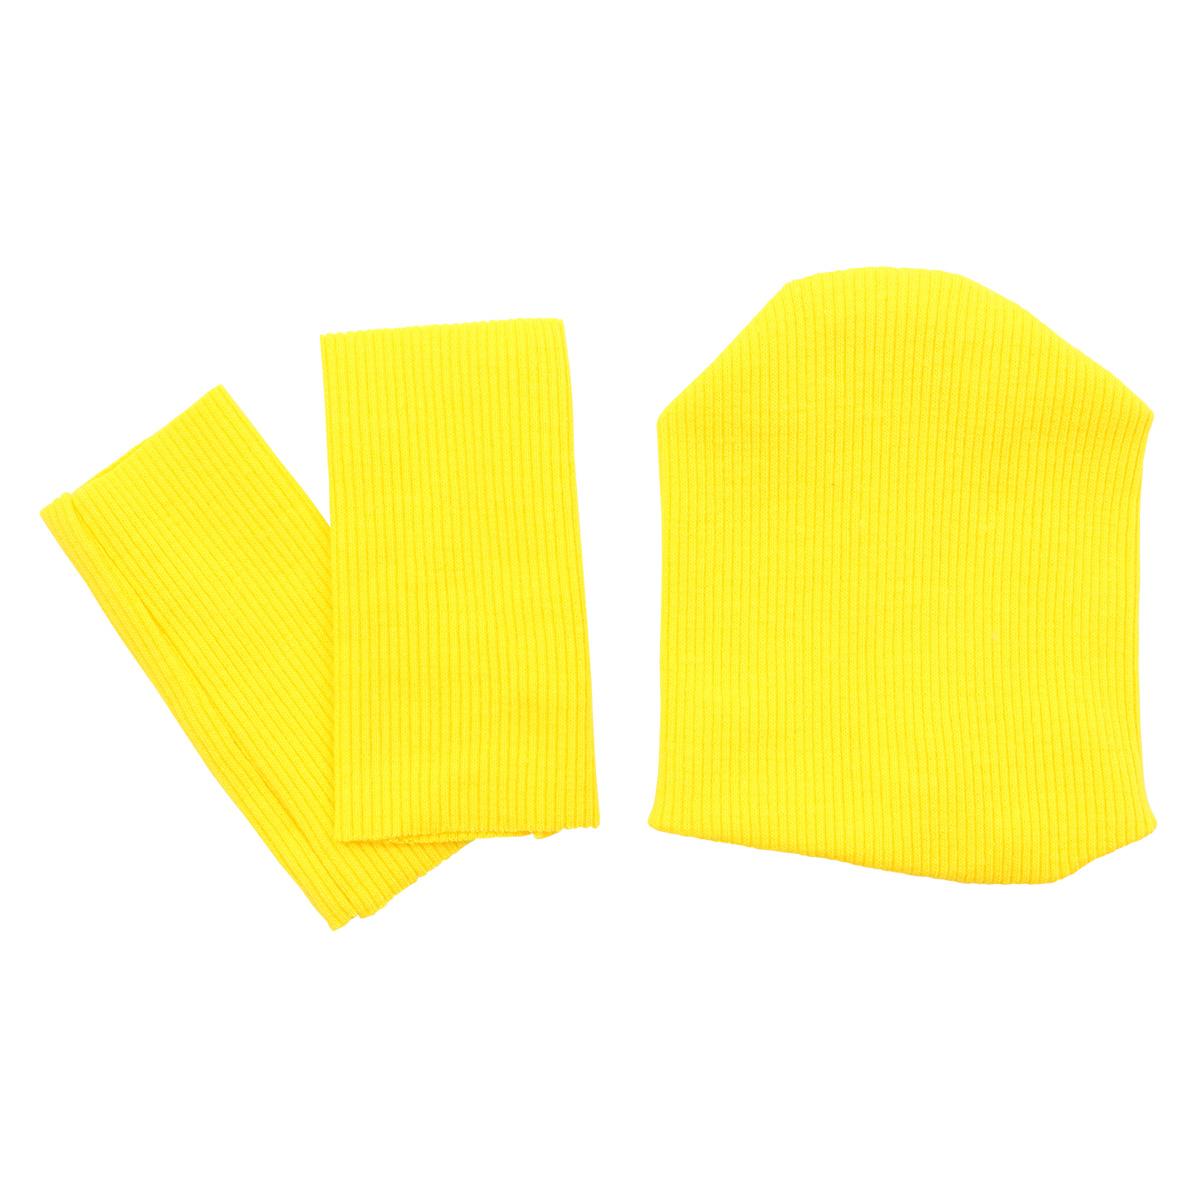 28875 Комплект одежды для игрушек цв.жёлтый : шапка/ гетры 9,5см*10см/ 3см*8см. Состав: 95% х/б+5% лайкры